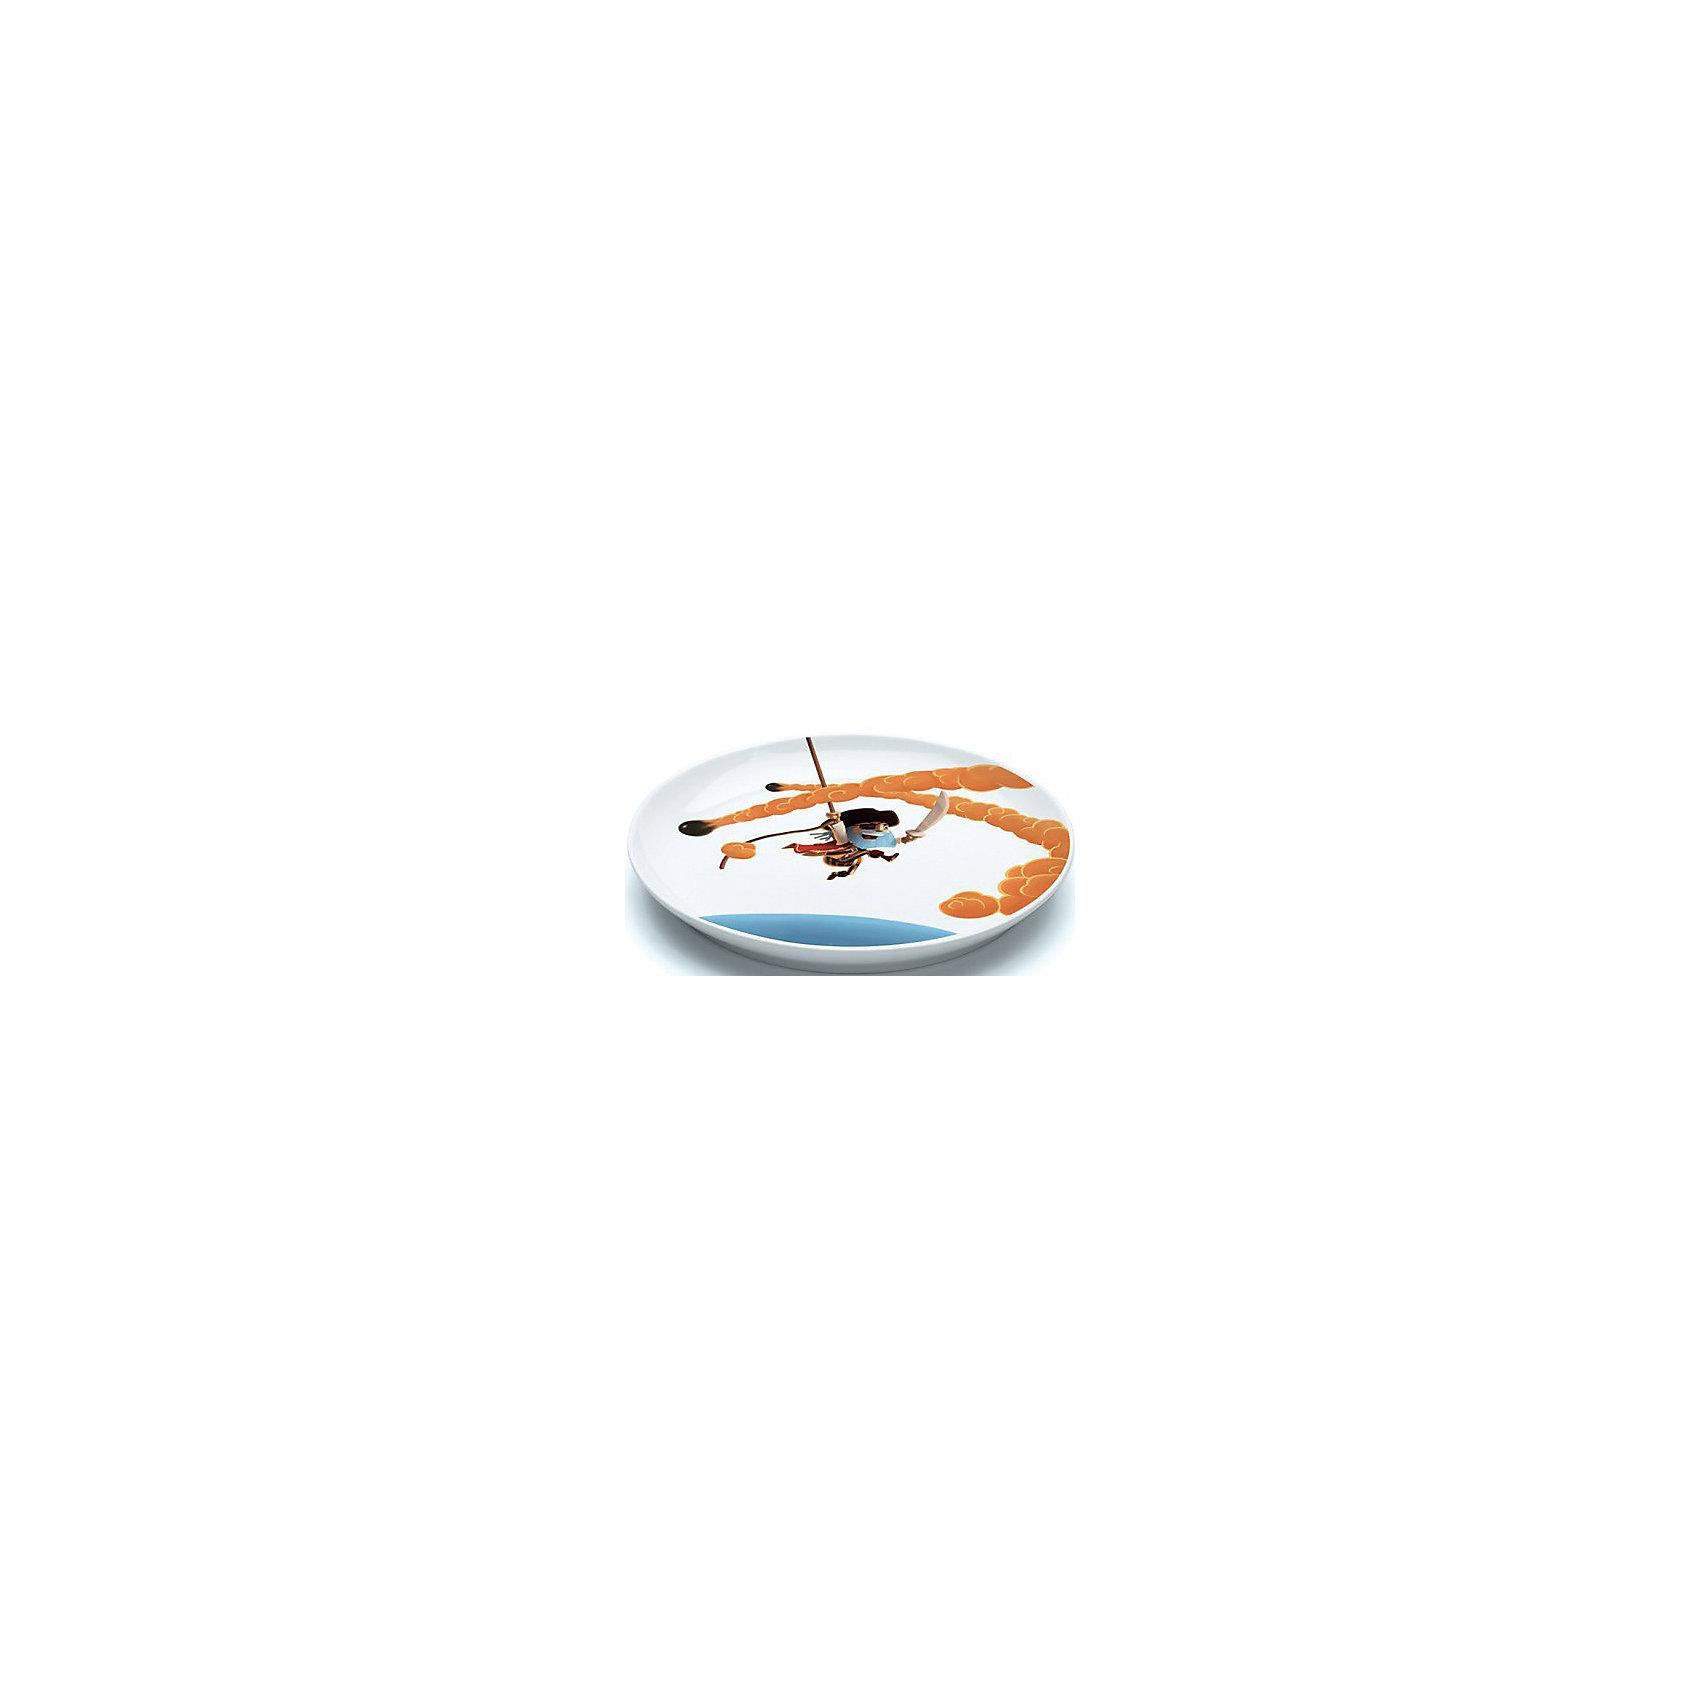 Большая плоская тарелка Пираты, DJECOБольшая плоская тарелка Пираты, DJECO<br><br>Характеристики:<br><br>• Материал: фарфор<br>• Размер: 20,5х2см<br>• В комплекте: 1 тарелка<br>• Возраст: от 3 лет<br>• Пол: для мальчиков<br><br>Красивая плоская тарелка отлично разнообразит обед маленьких мальчиков. На тарелке смелый пират отбивается с помощью острого меча от летящих на него пушечных ядер. Такая тарелка сможет увлечь непоседу и заставит его быстро скушать свой обед. Тарелка изготовлена из прочного и качественного материала, который не вызывает аллергию. Краска на тарелке не стирается от мытья и не попадает в еду, что делает ее не только красивой, но и безопасной.<br><br>Большую плоскую тарелку Пираты, DJECO можно купить в нашем интернет-магазине.<br><br>Ширина мм: 220<br>Глубина мм: 220<br>Высота мм: 30<br>Вес г: 510<br>Возраст от месяцев: 24<br>Возраст до месяцев: 1188<br>Пол: Мужской<br>Возраст: Детский<br>SKU: 5163405